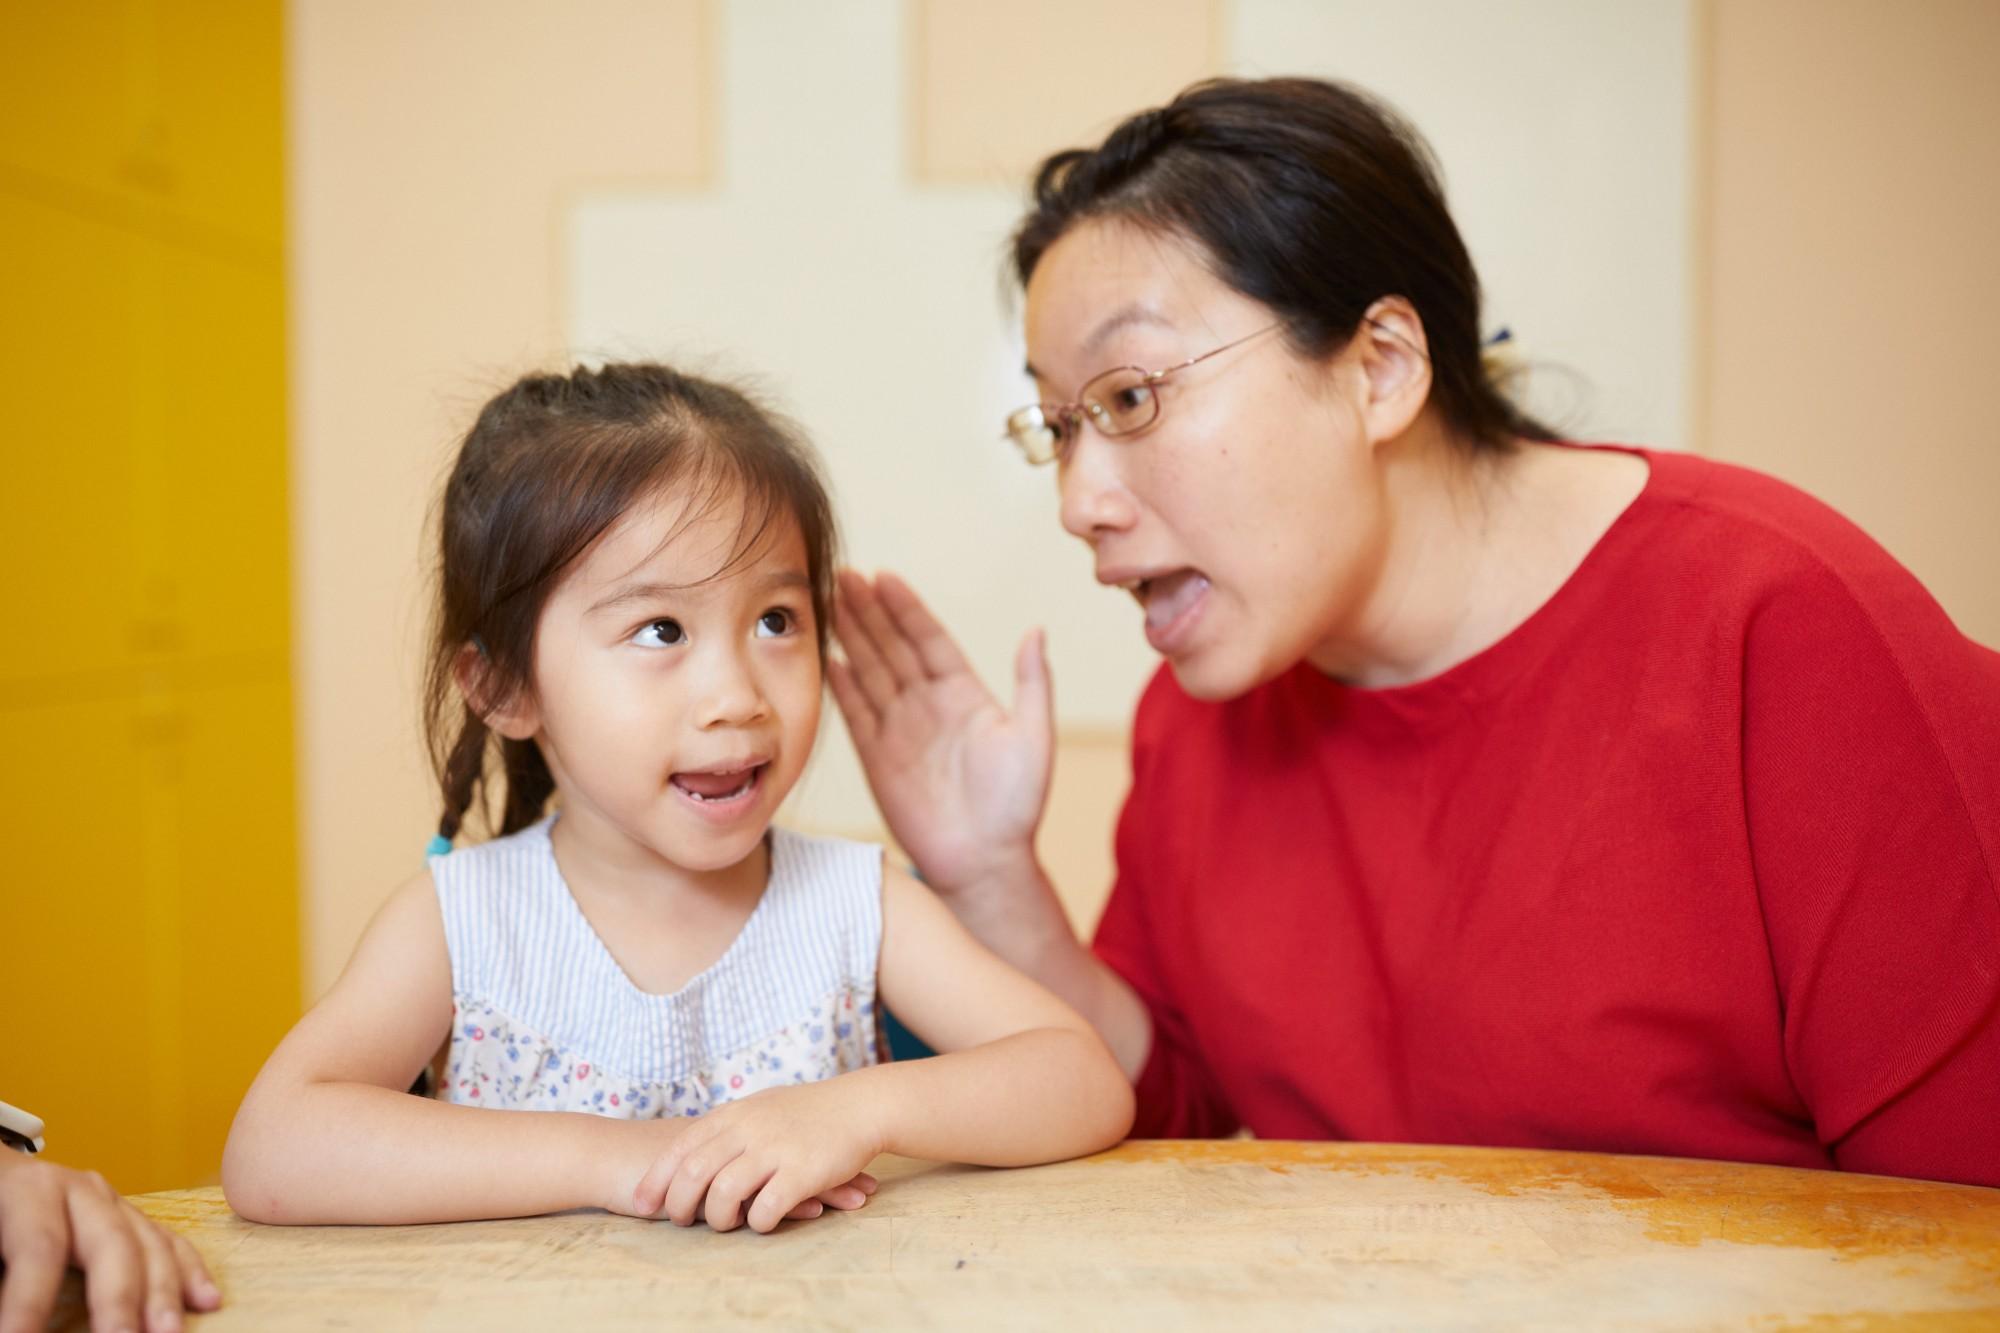 孩子總是「已讀不回」?這樣做引導他把話說出口::兒童語言發展::聽語發展指南::